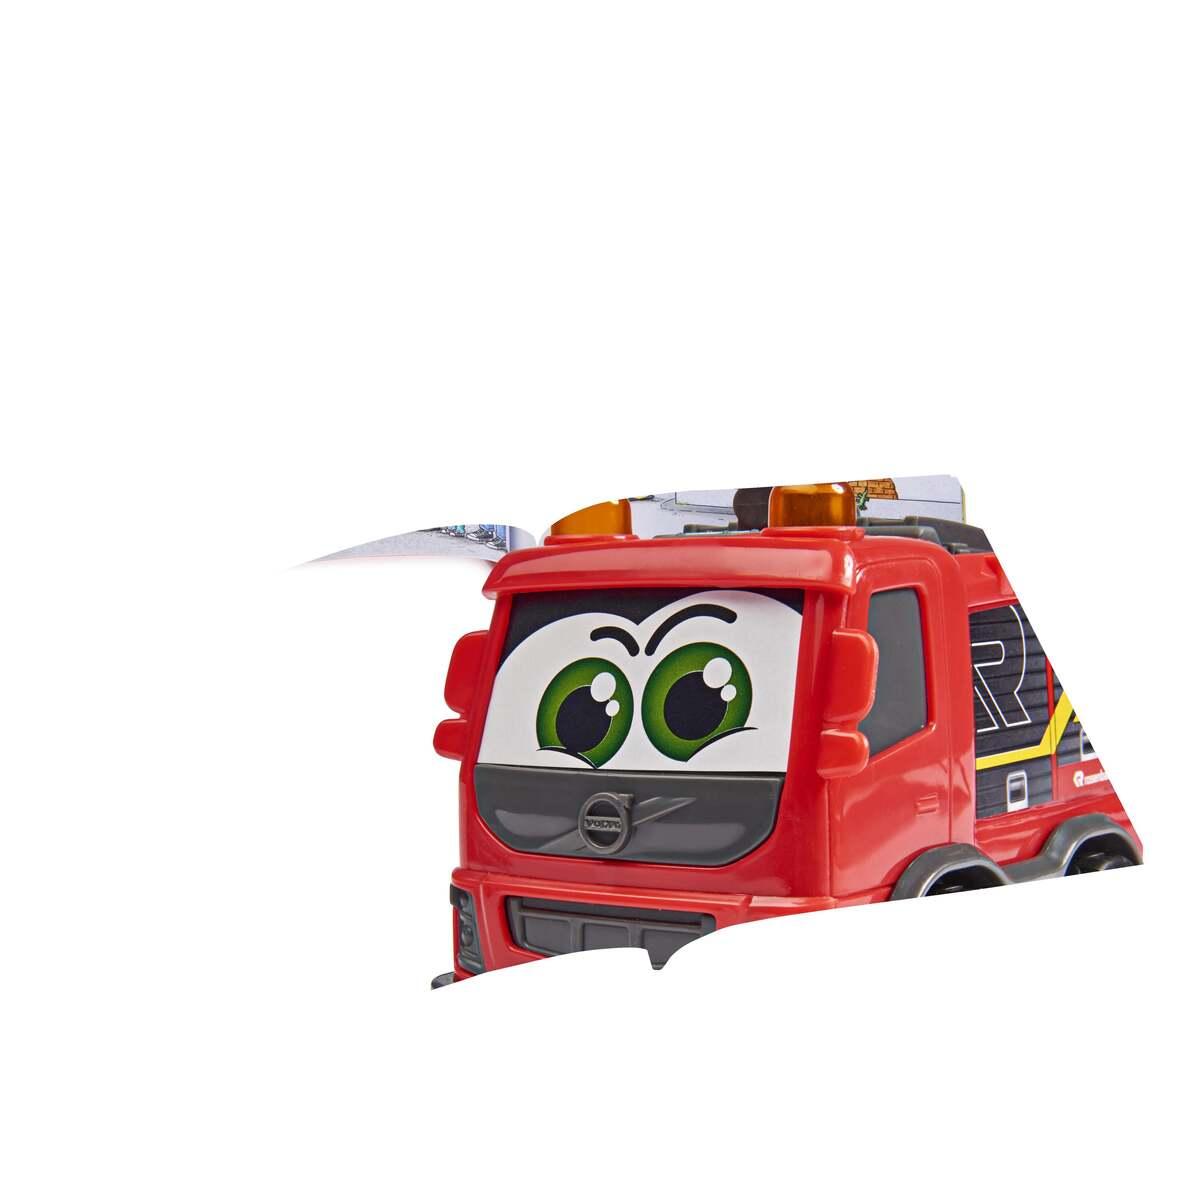 Bild 3 von Dickie Toys Was ist Was- Feuerwehr Fahrzeug